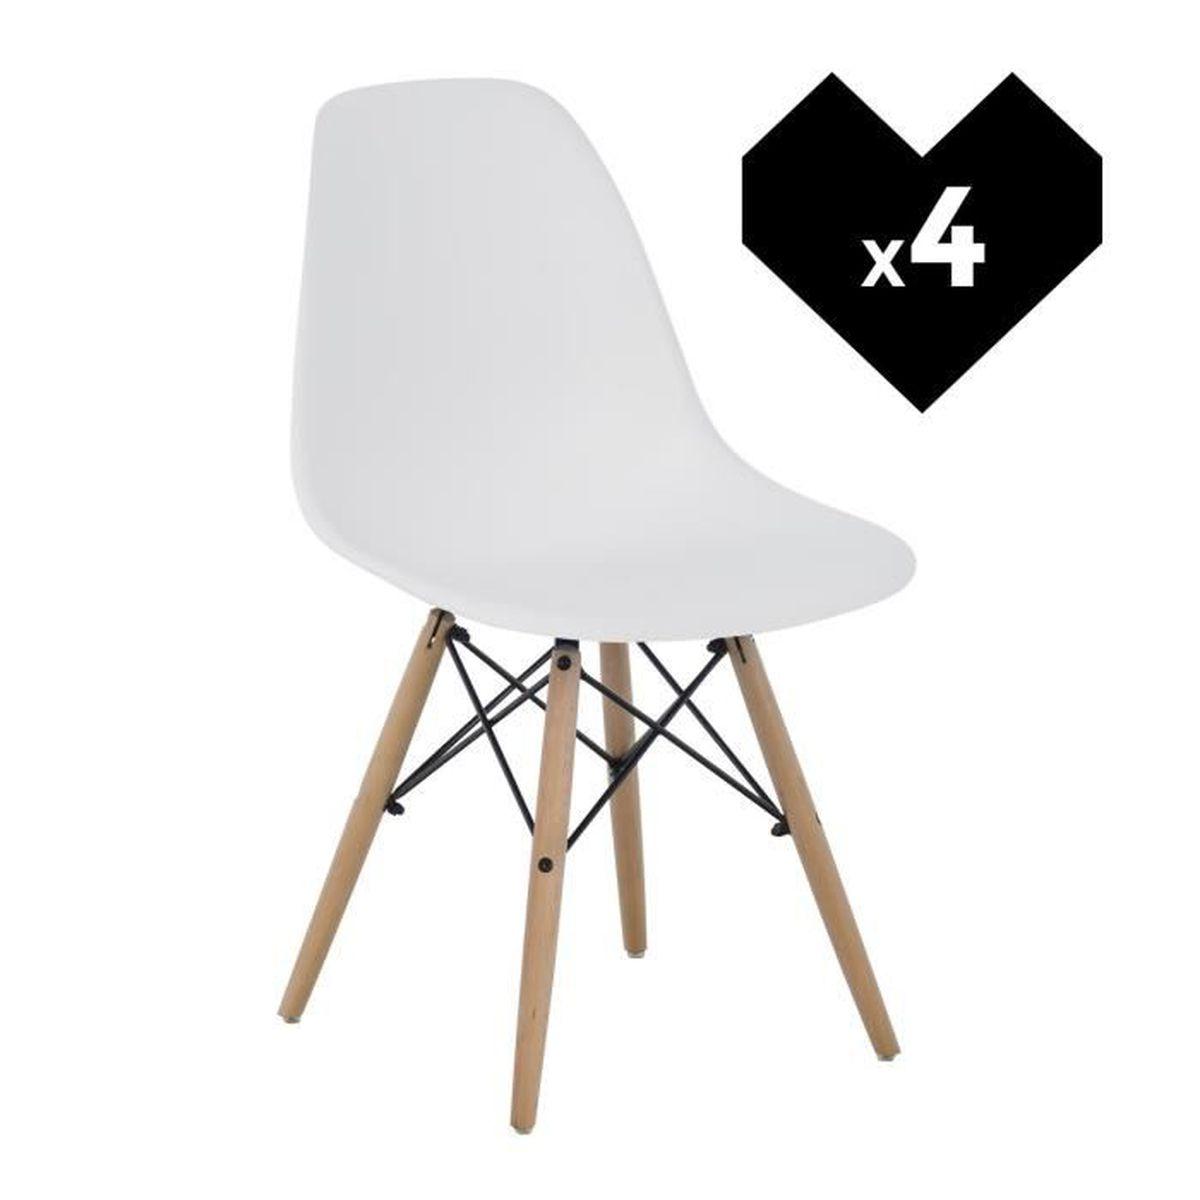 CHAISE Lot De 4 Chaises Design Scandinave Blanc Bois Natu